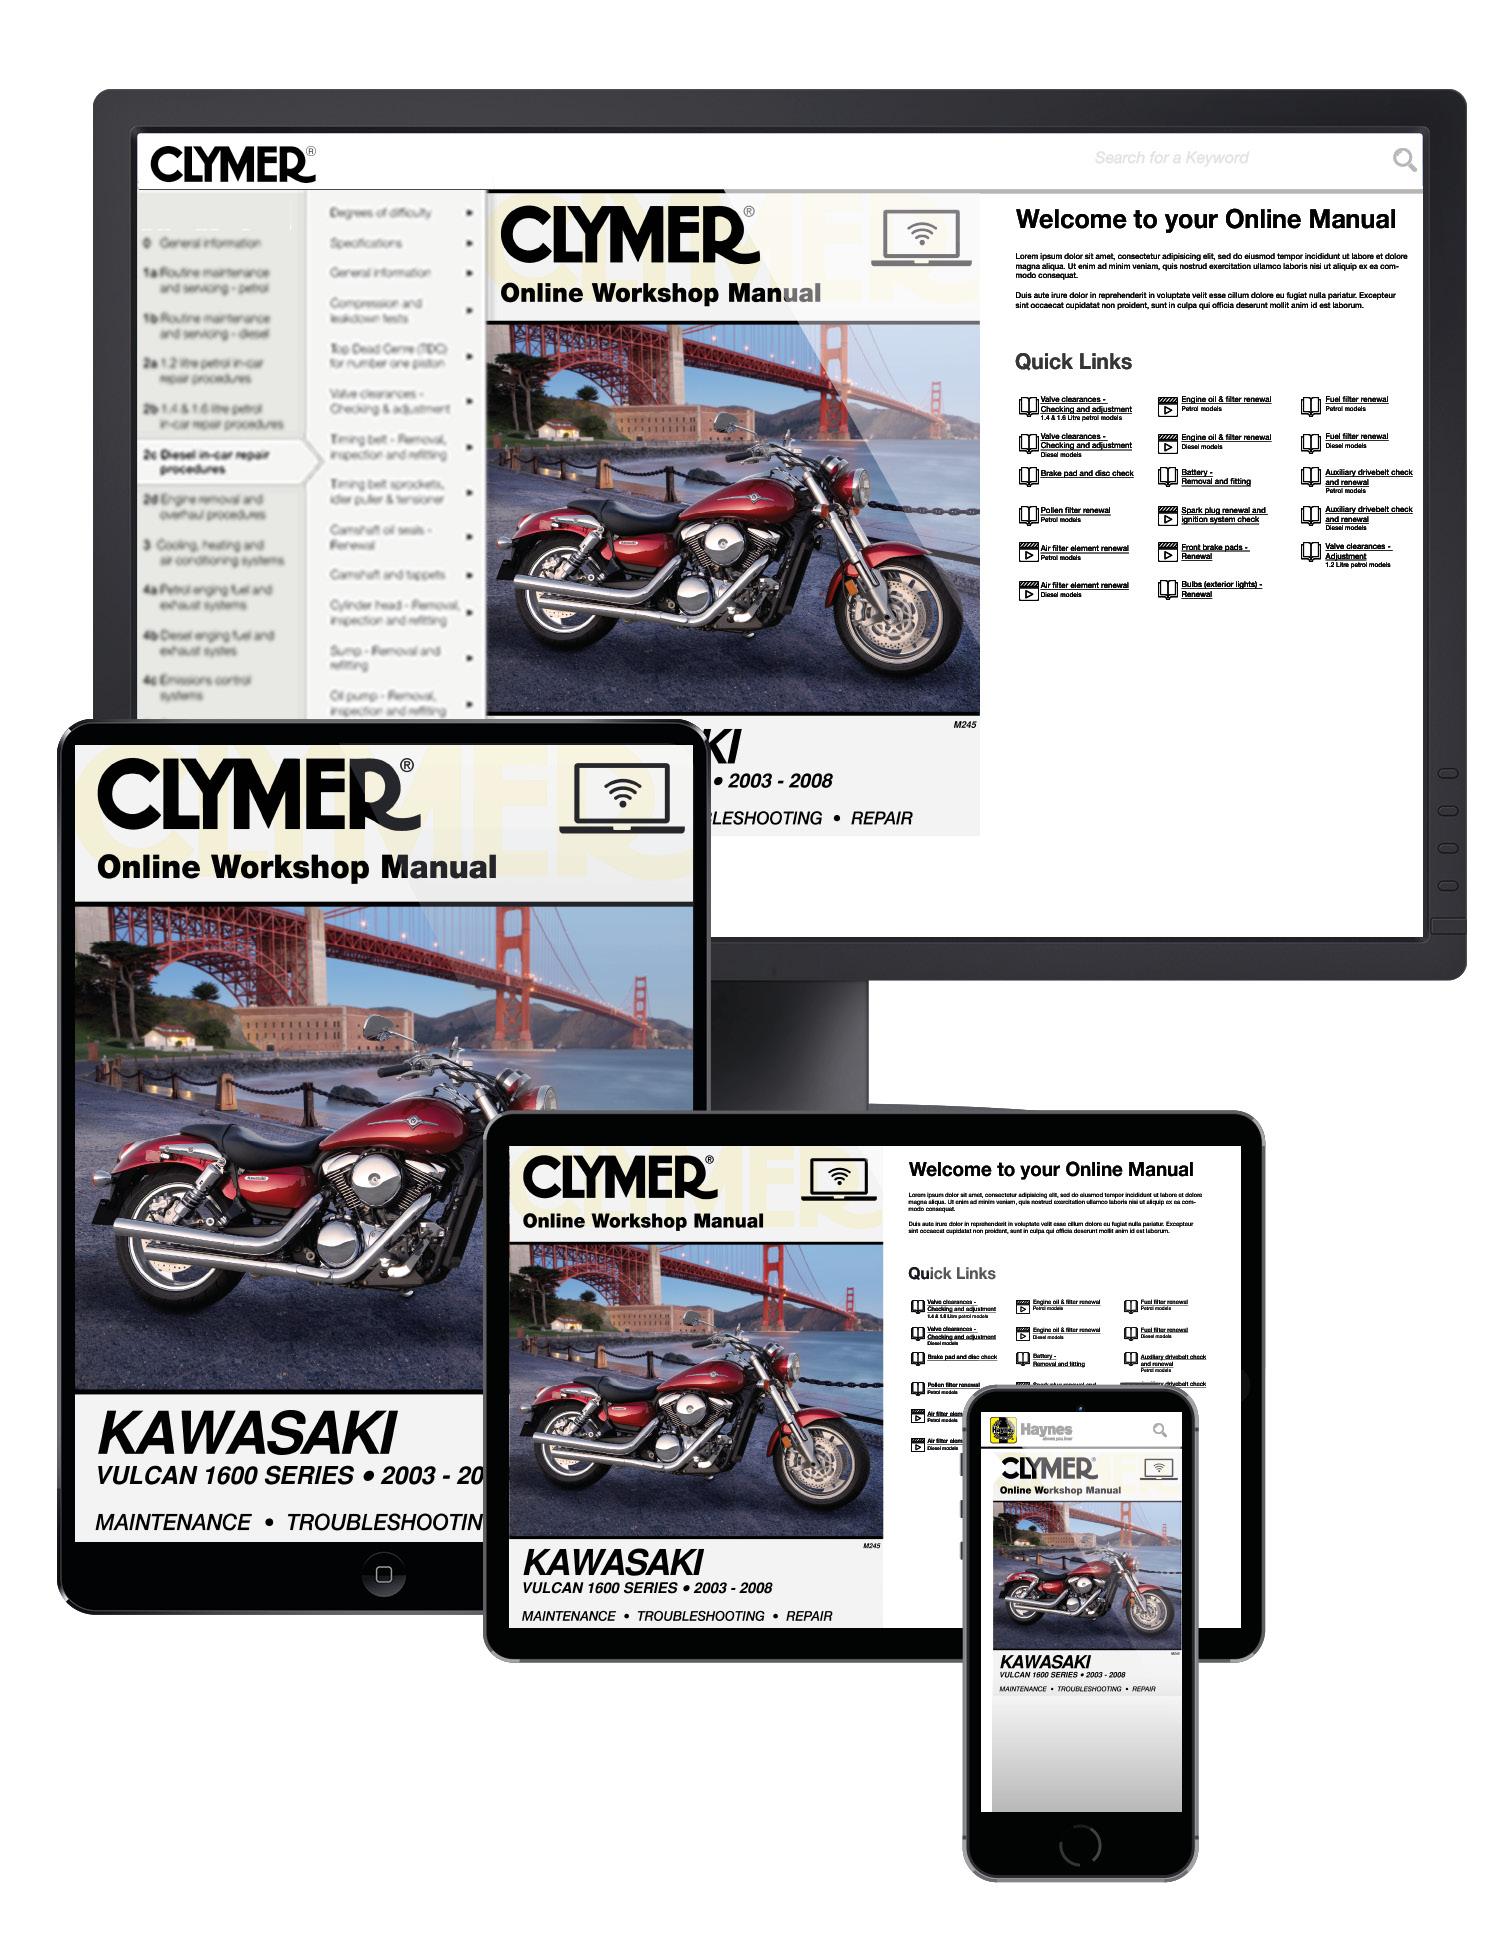 Manual cover for Kawasaki Vulcan 1600 Series Motorcycle (2003-2008) Service Repair Manual Online Manual